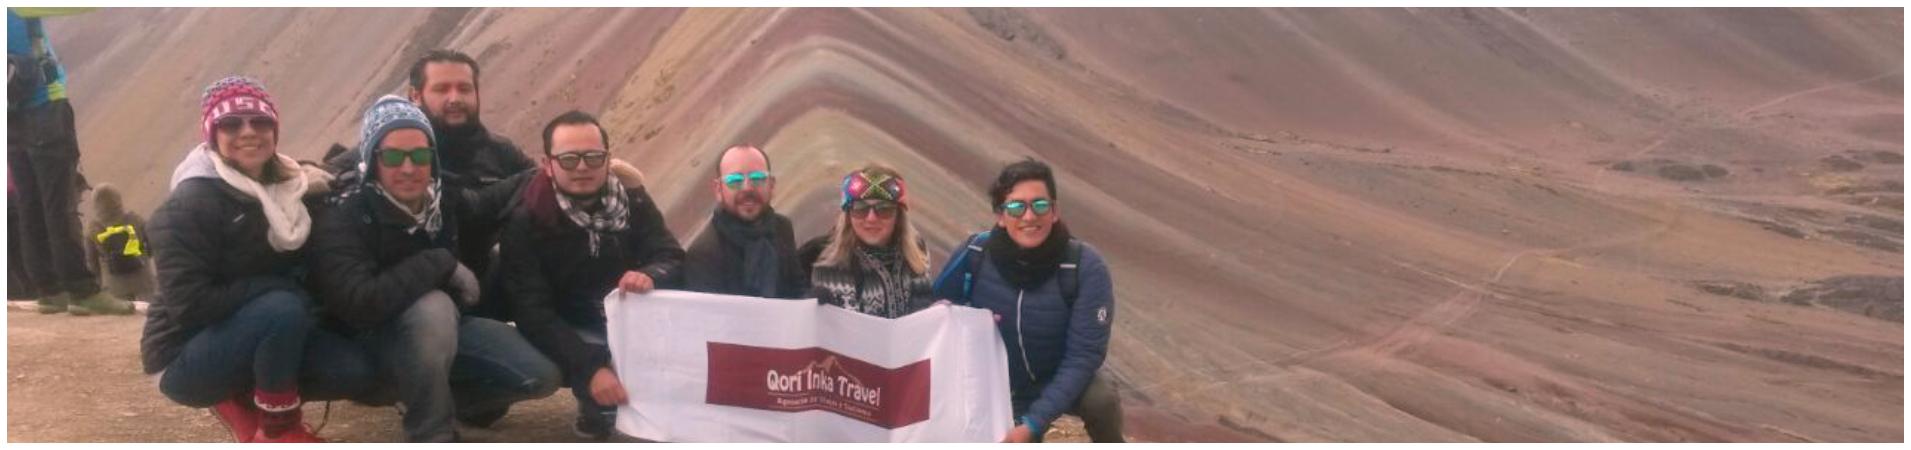 Montaña de Siete Colores 1 dia - Vinicunca qori inka vel